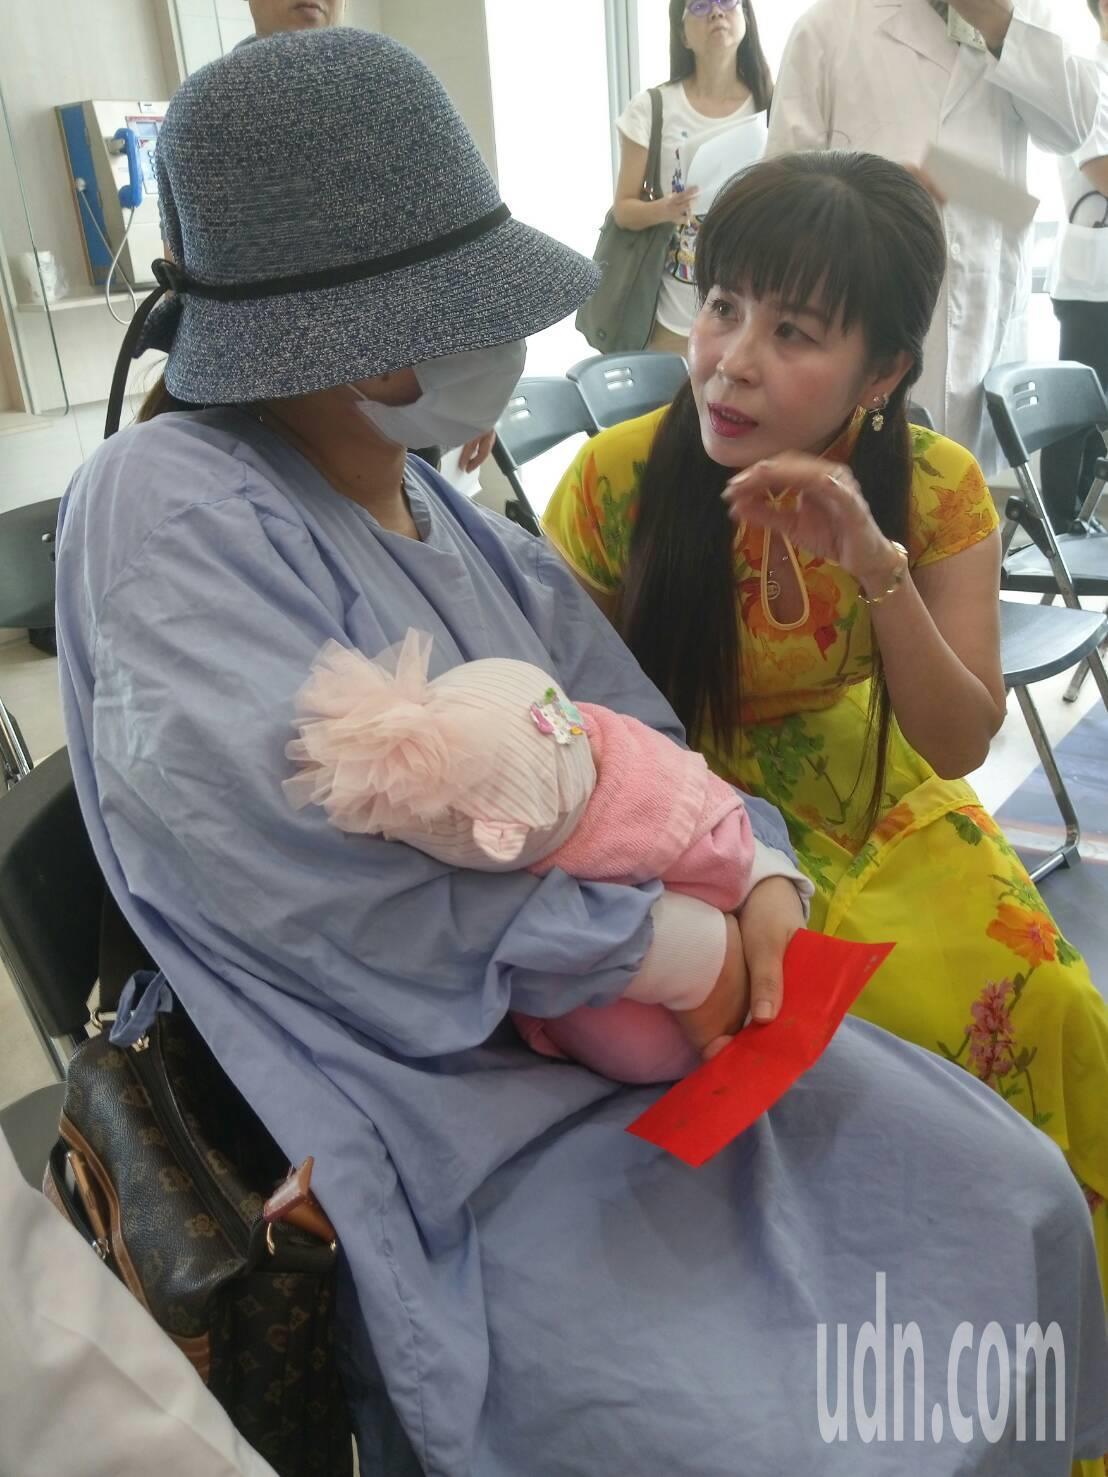 女嬰媽媽感謝北榮的照顧。記者陳雨鑫/攝影